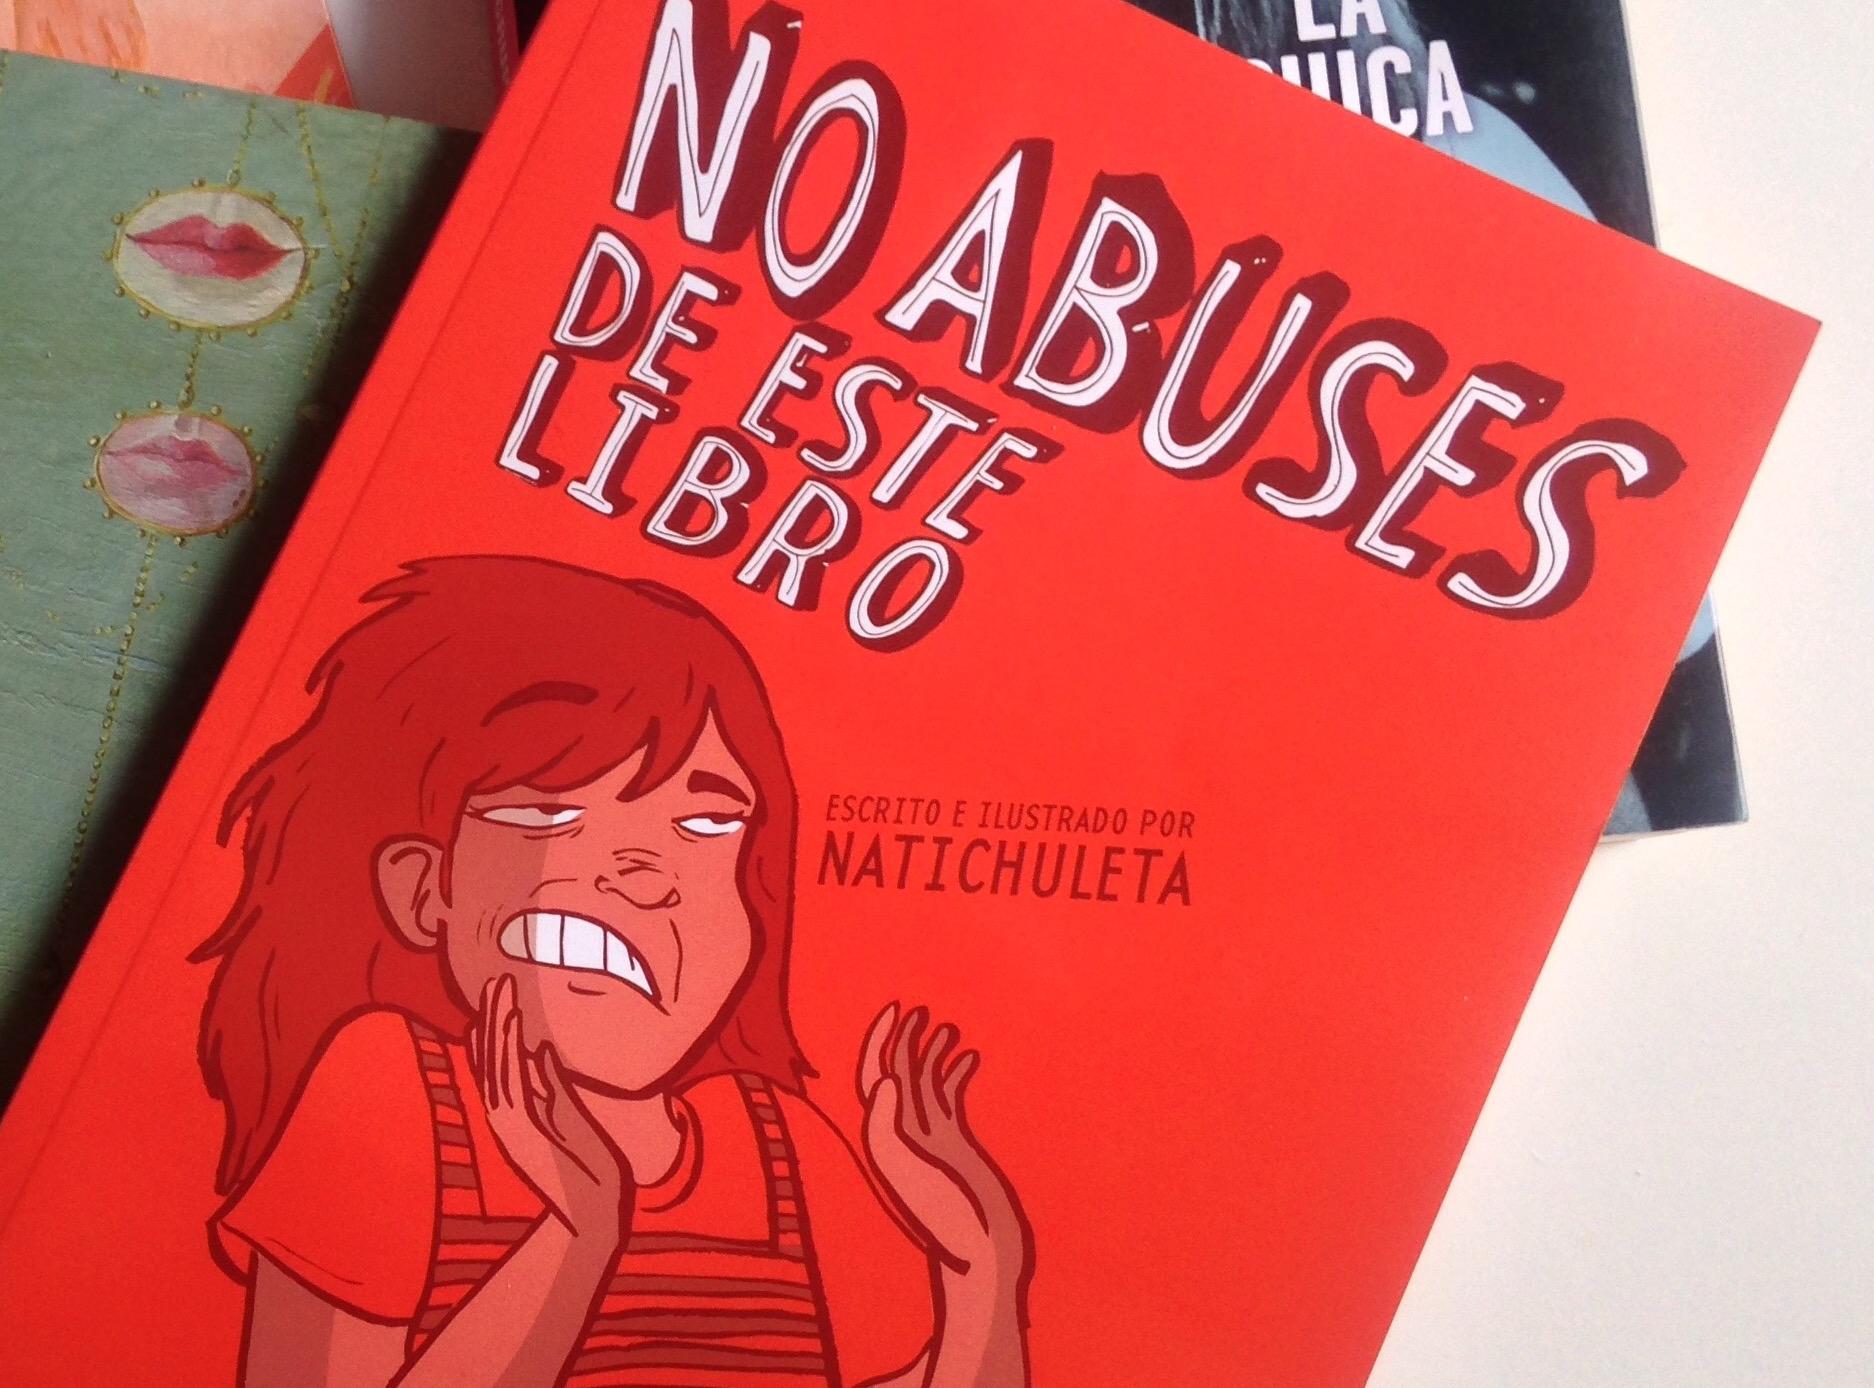 [CONCURSO]: Te regalamos una copia de No Abuses de Este Libro de Natichuleta